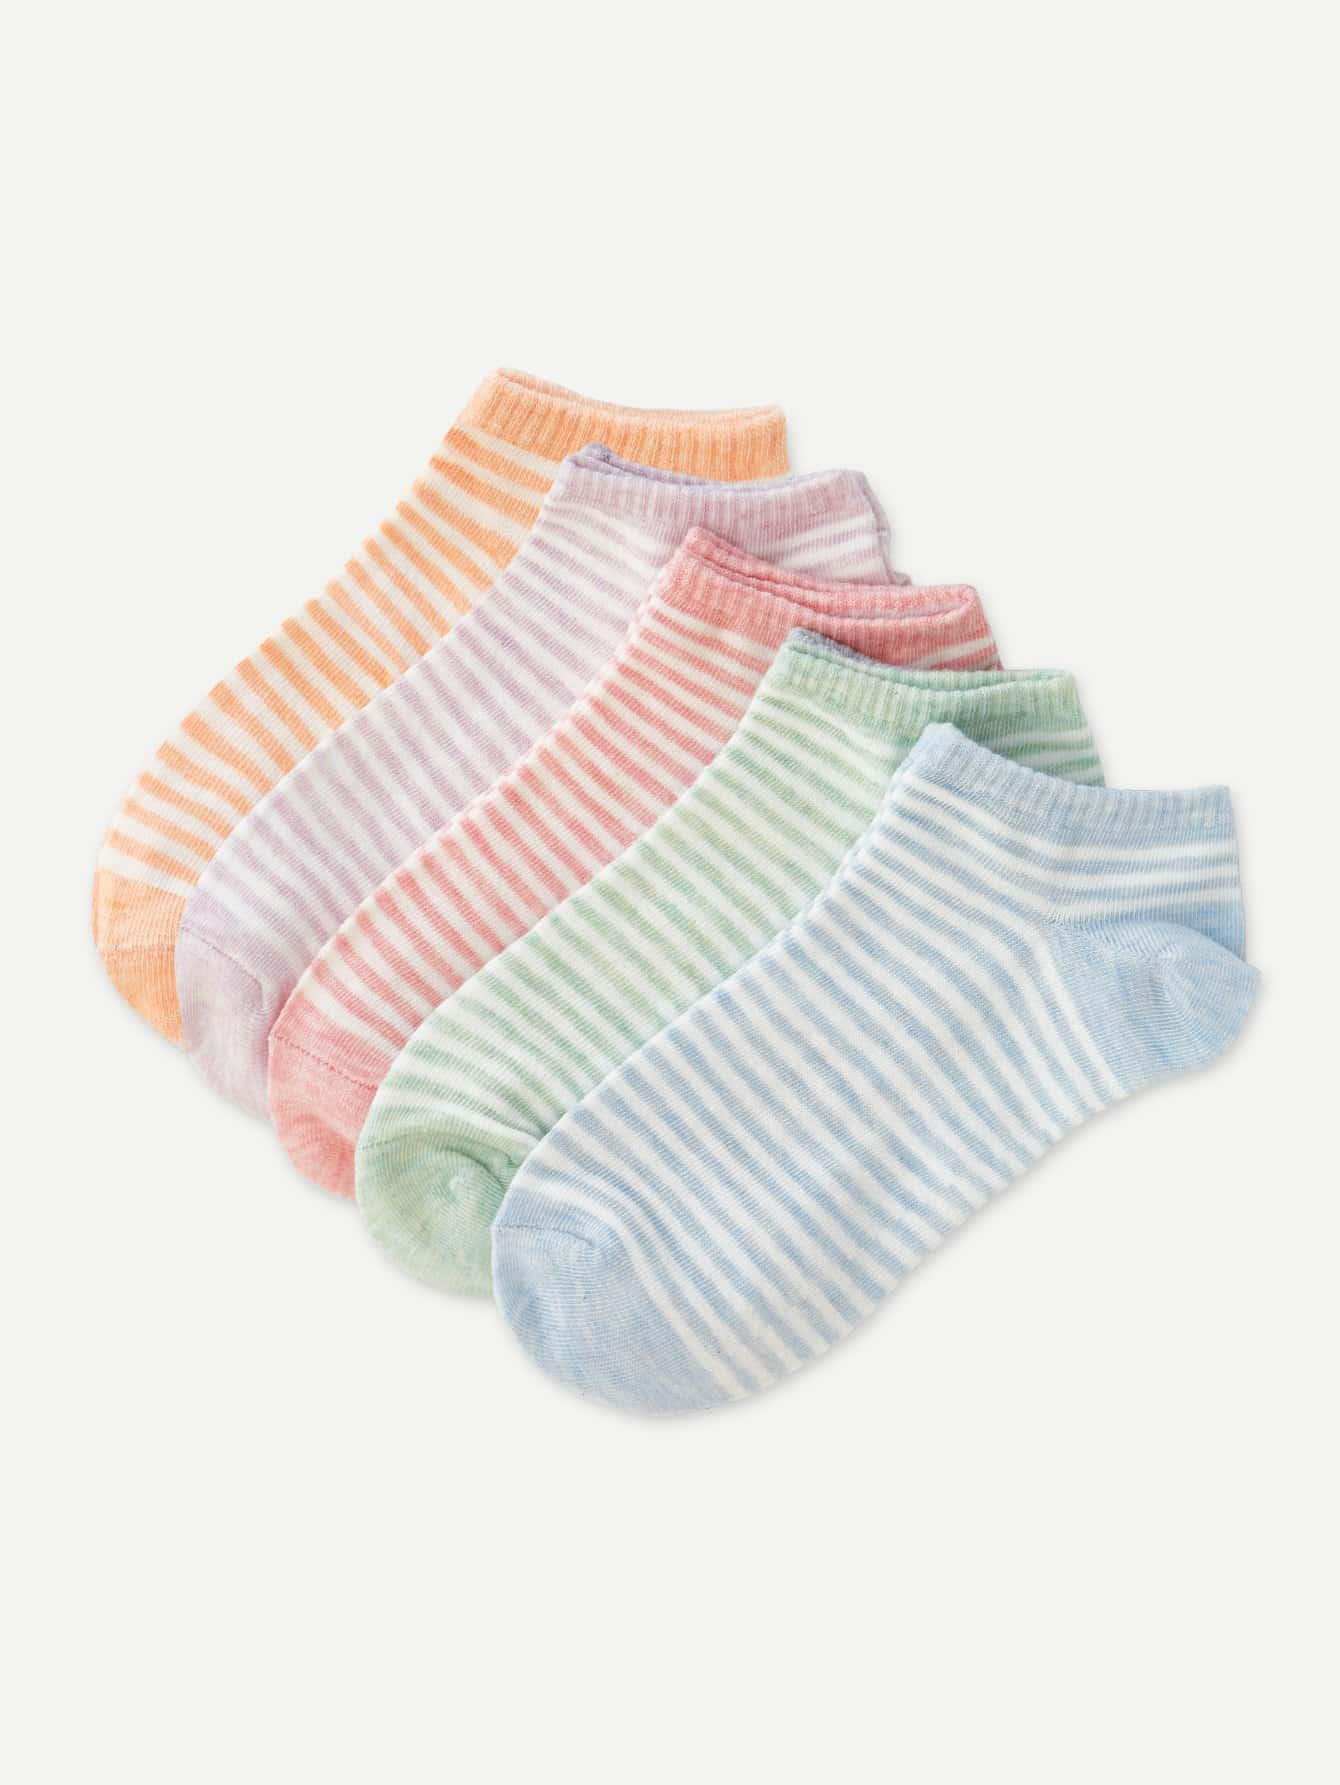 Gestreifte Socke 5pairs